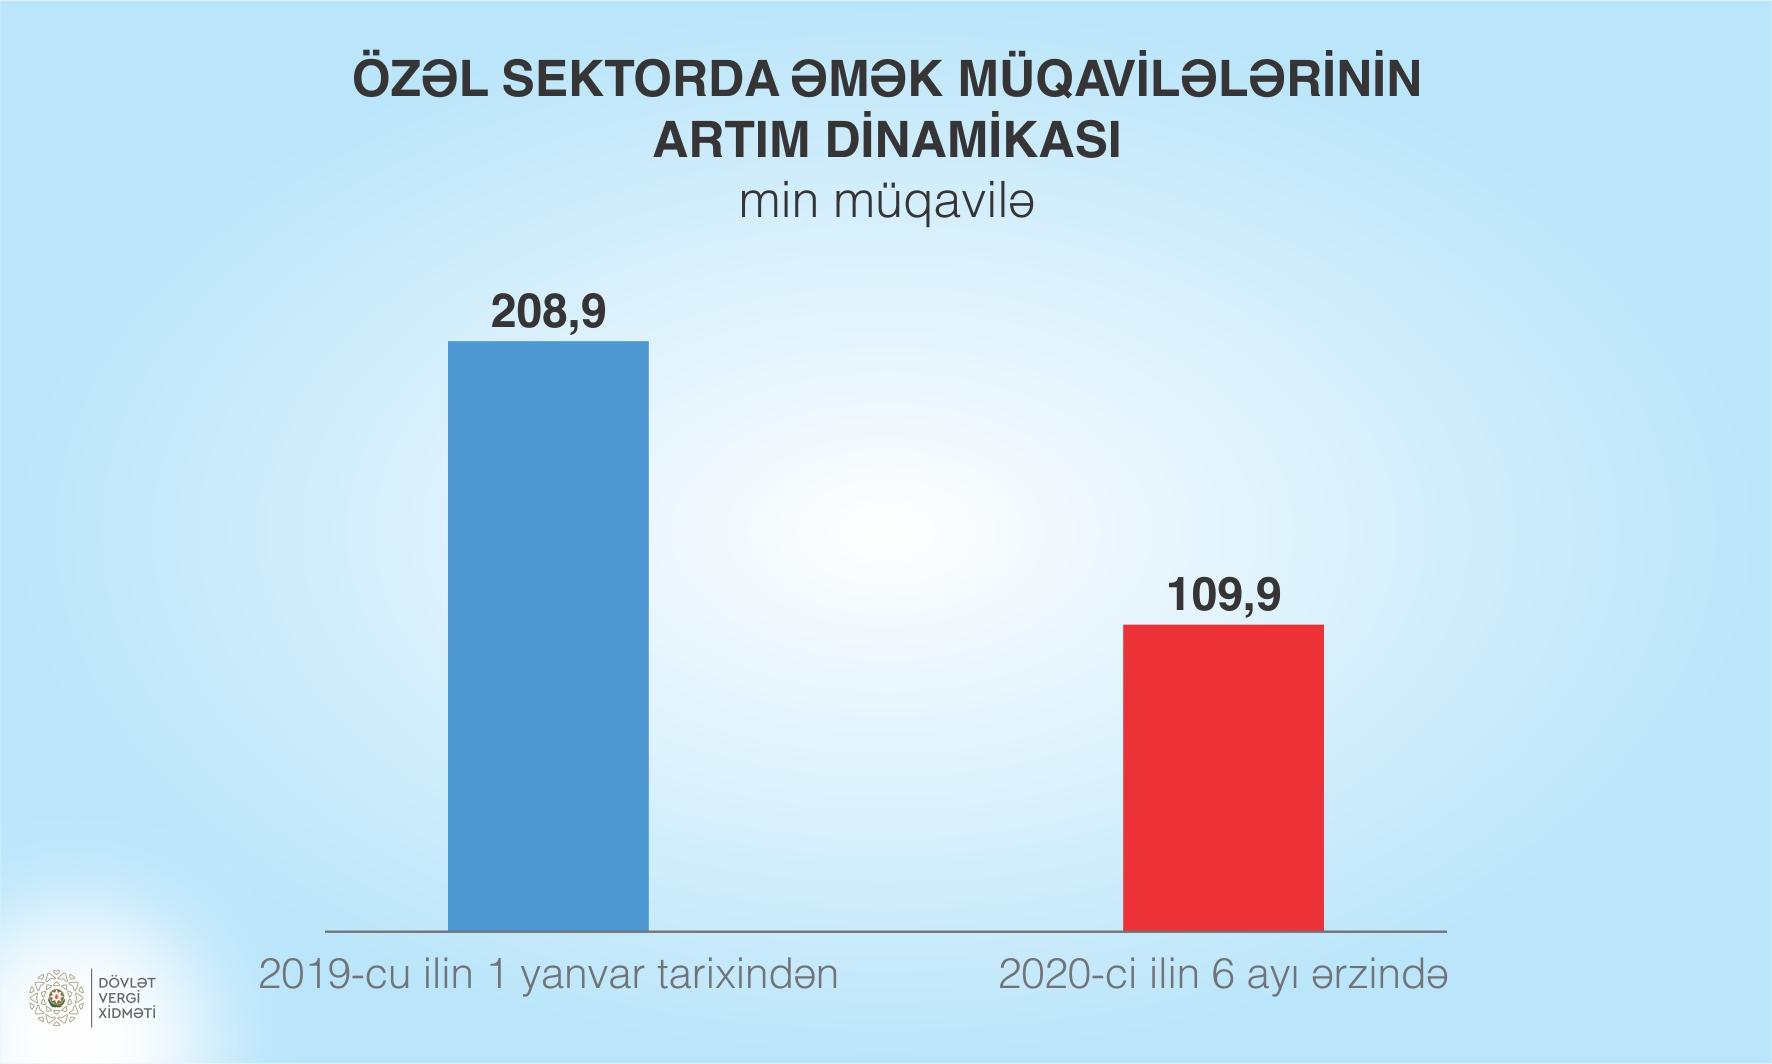 MƏK MÜQAVİLƏLƏRİ